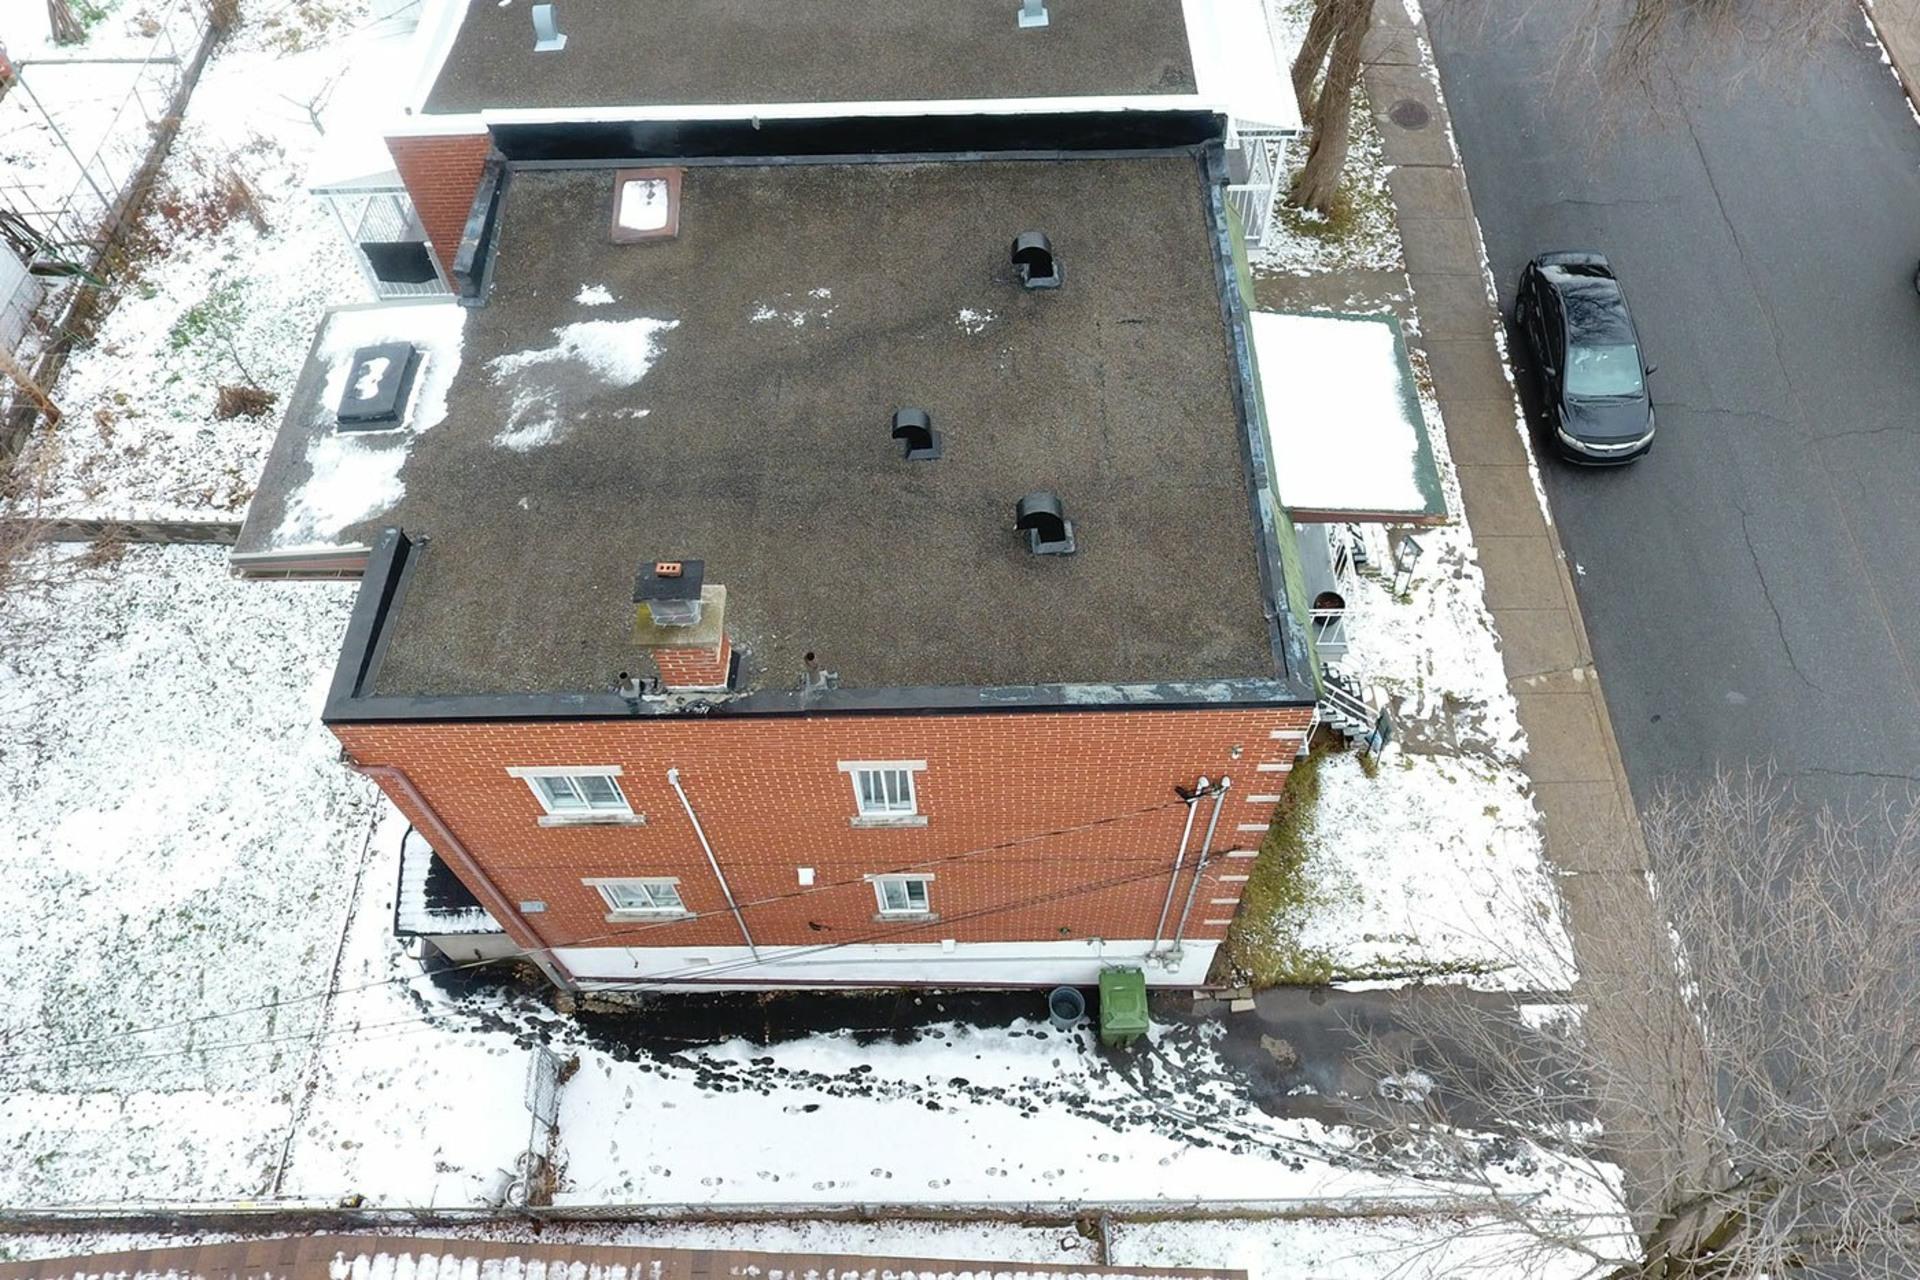 image 35 - Duplex For sale Rivière-des-Prairies/Pointe-aux-Trembles Montréal  - 4 rooms